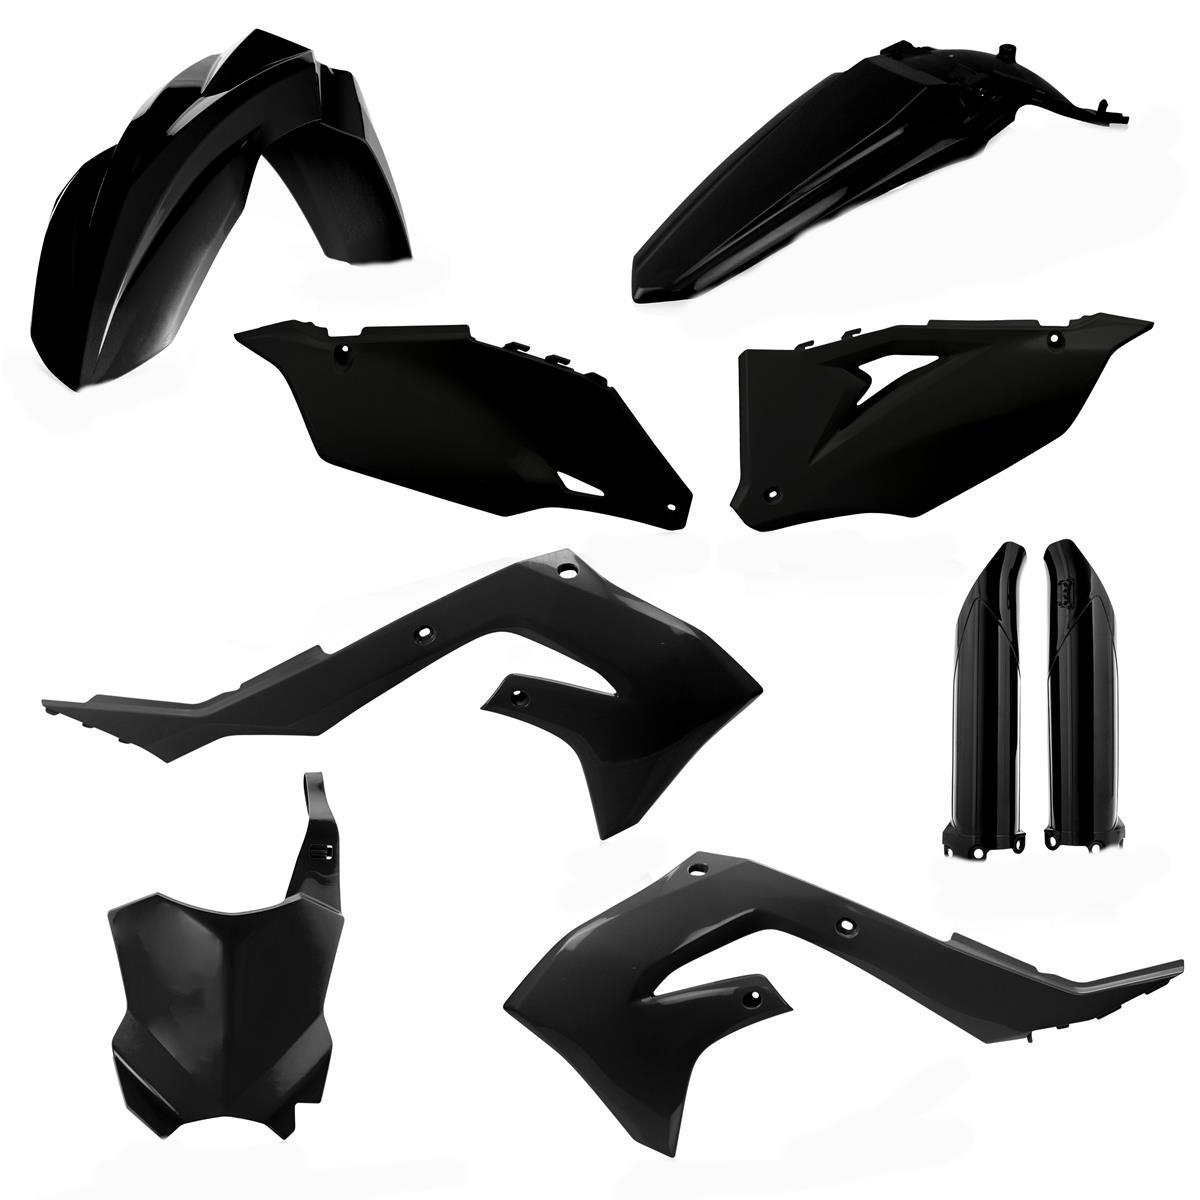 acerbis-plastik-kit-plastic-kit-full-kit-1 (2)450